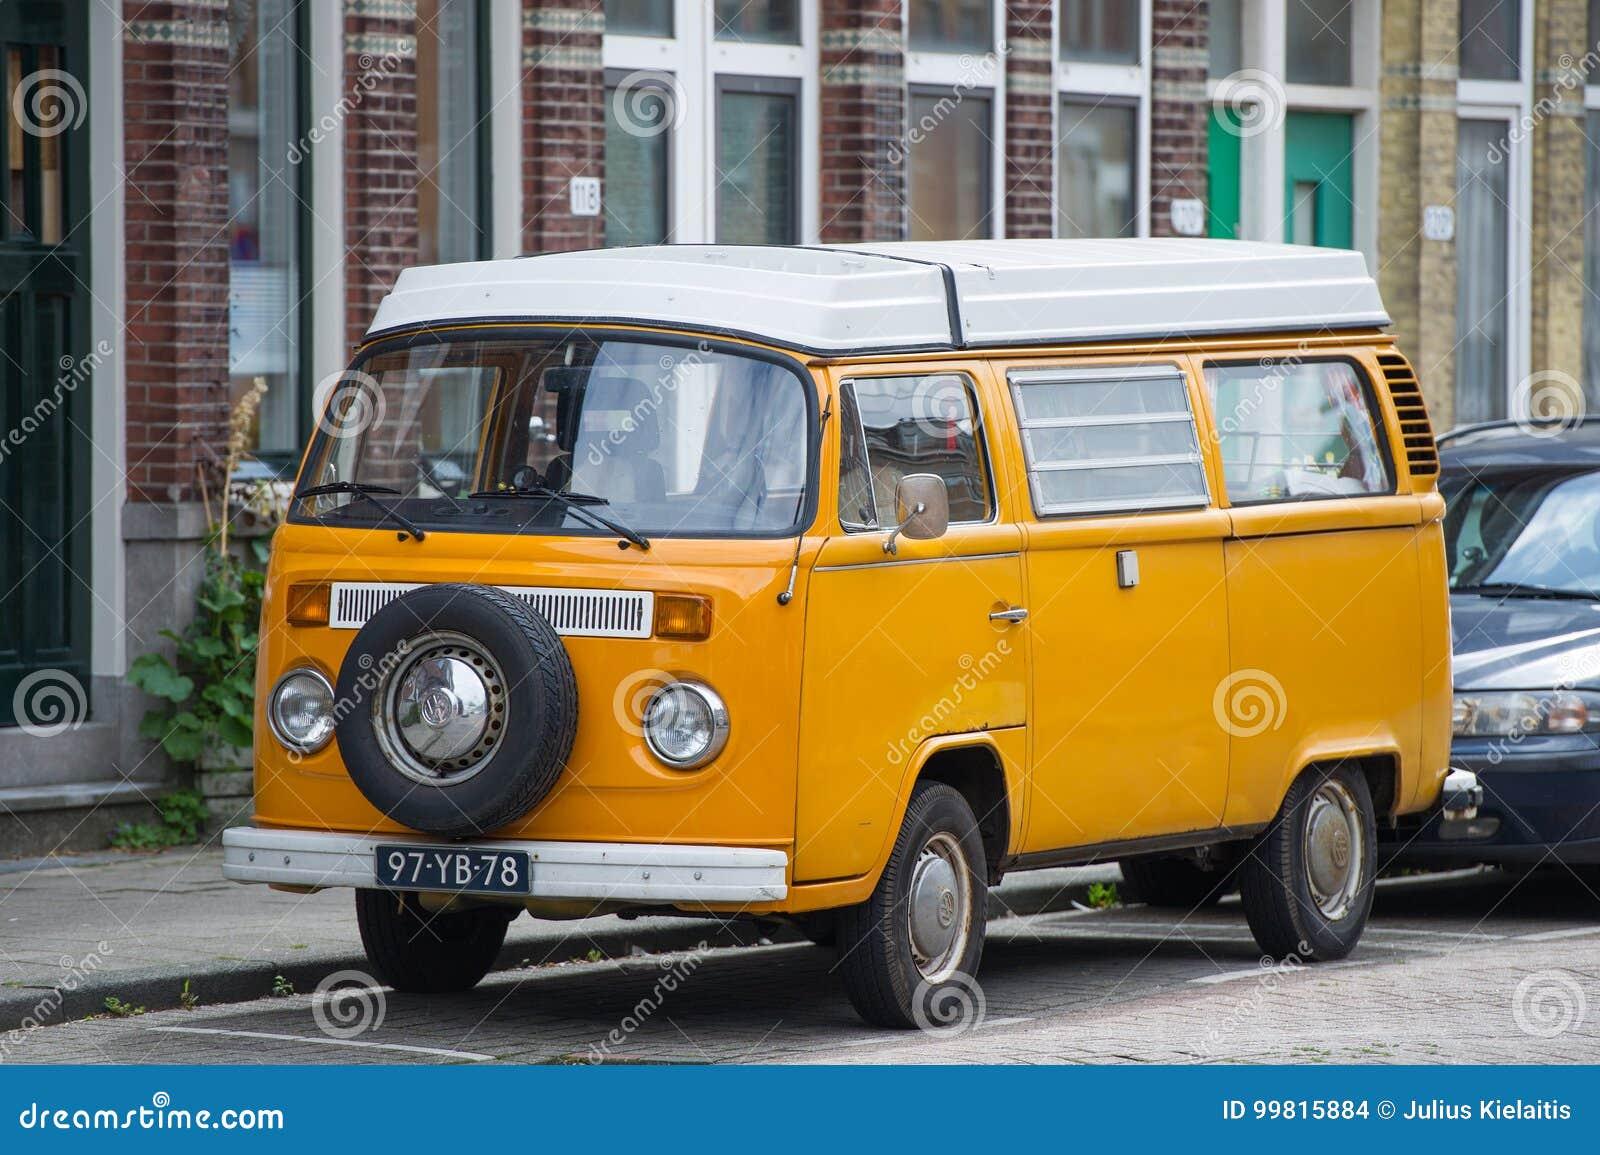 vw bus volkswagen transporter t2 campervan editorial. Black Bedroom Furniture Sets. Home Design Ideas